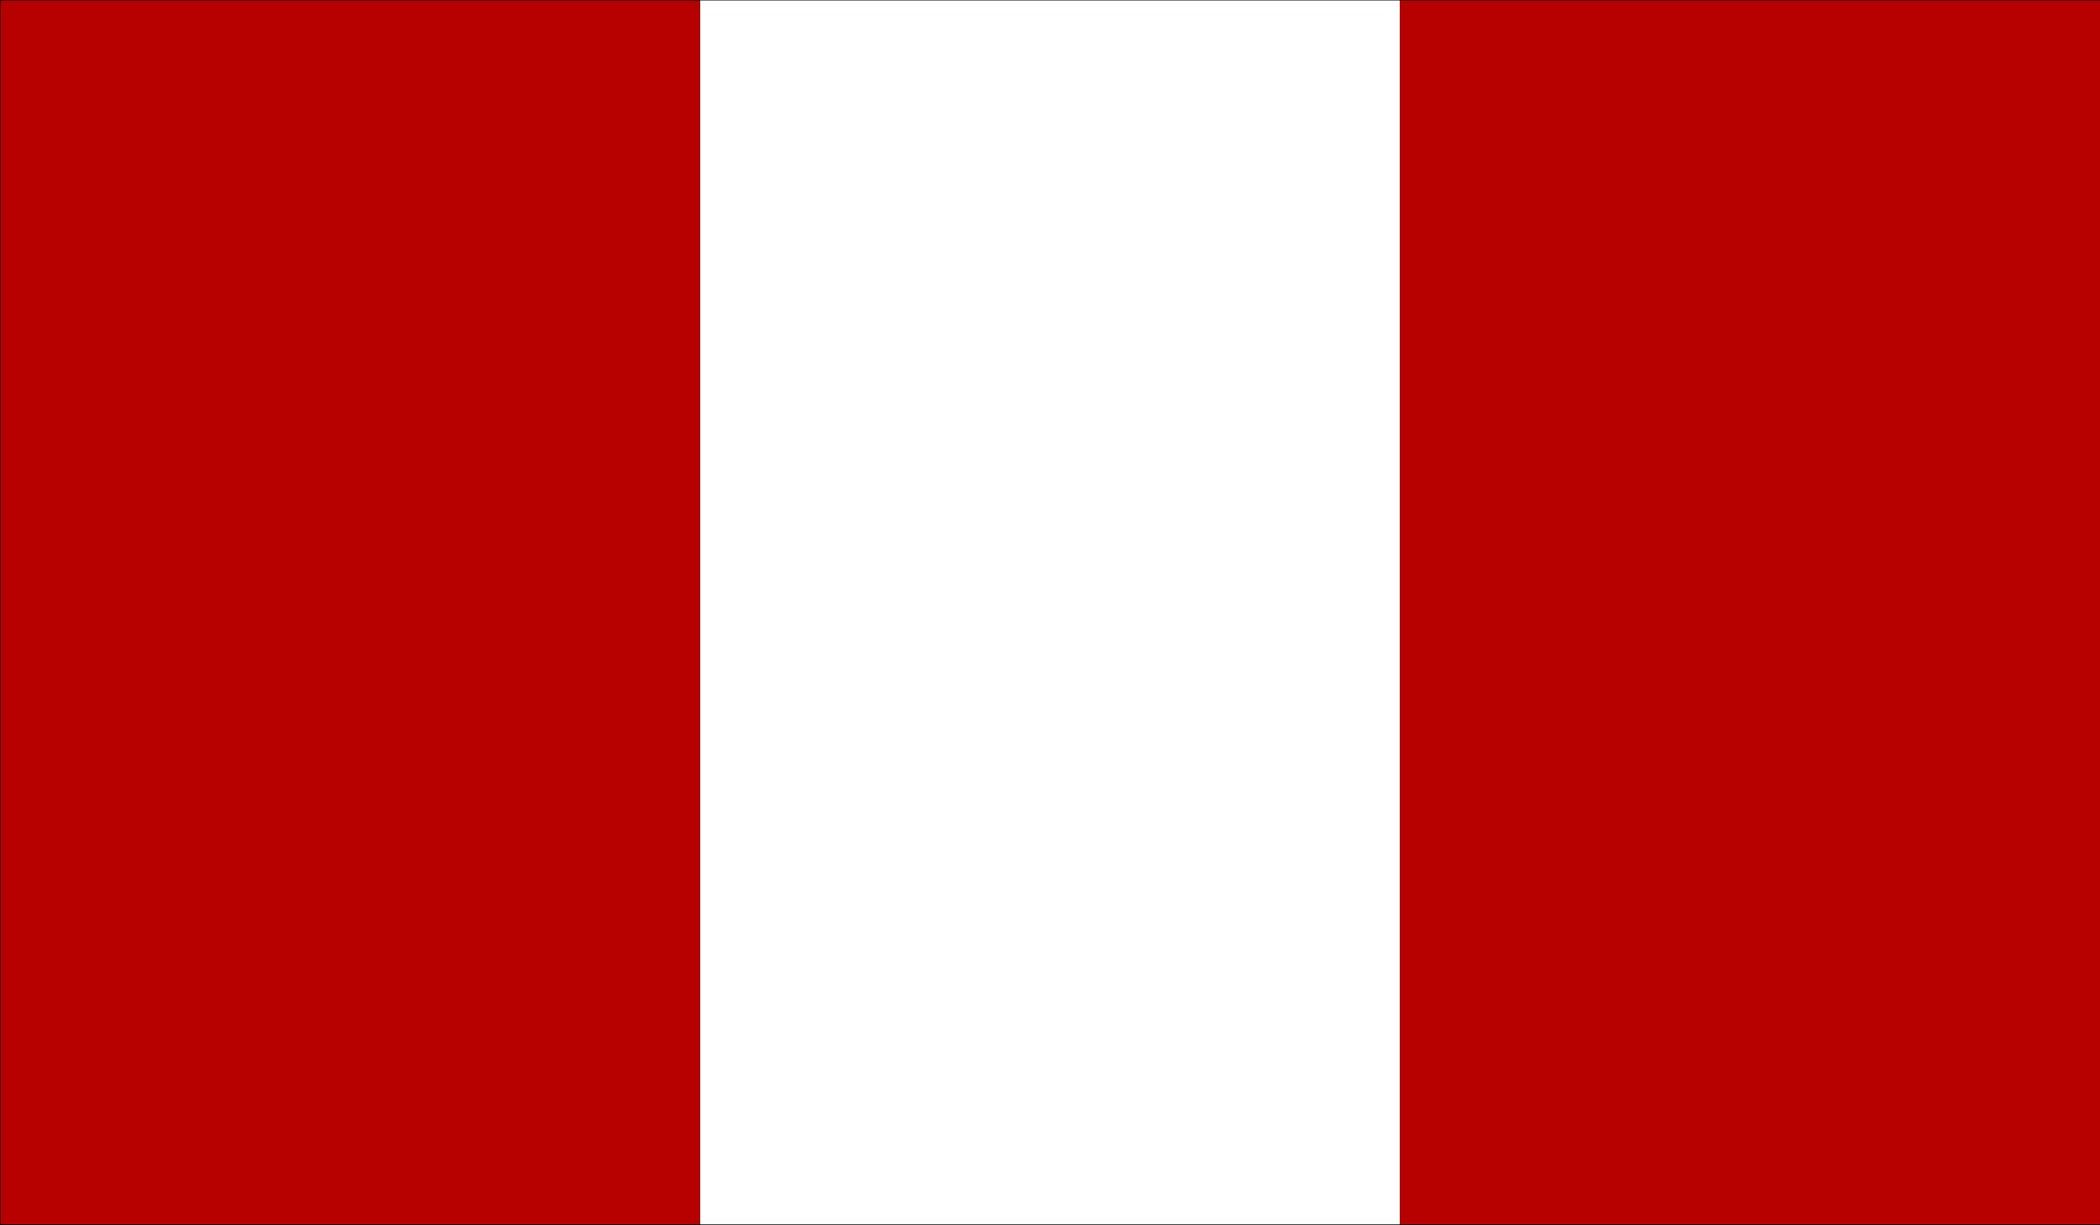 Peru_Peruvian_Flag